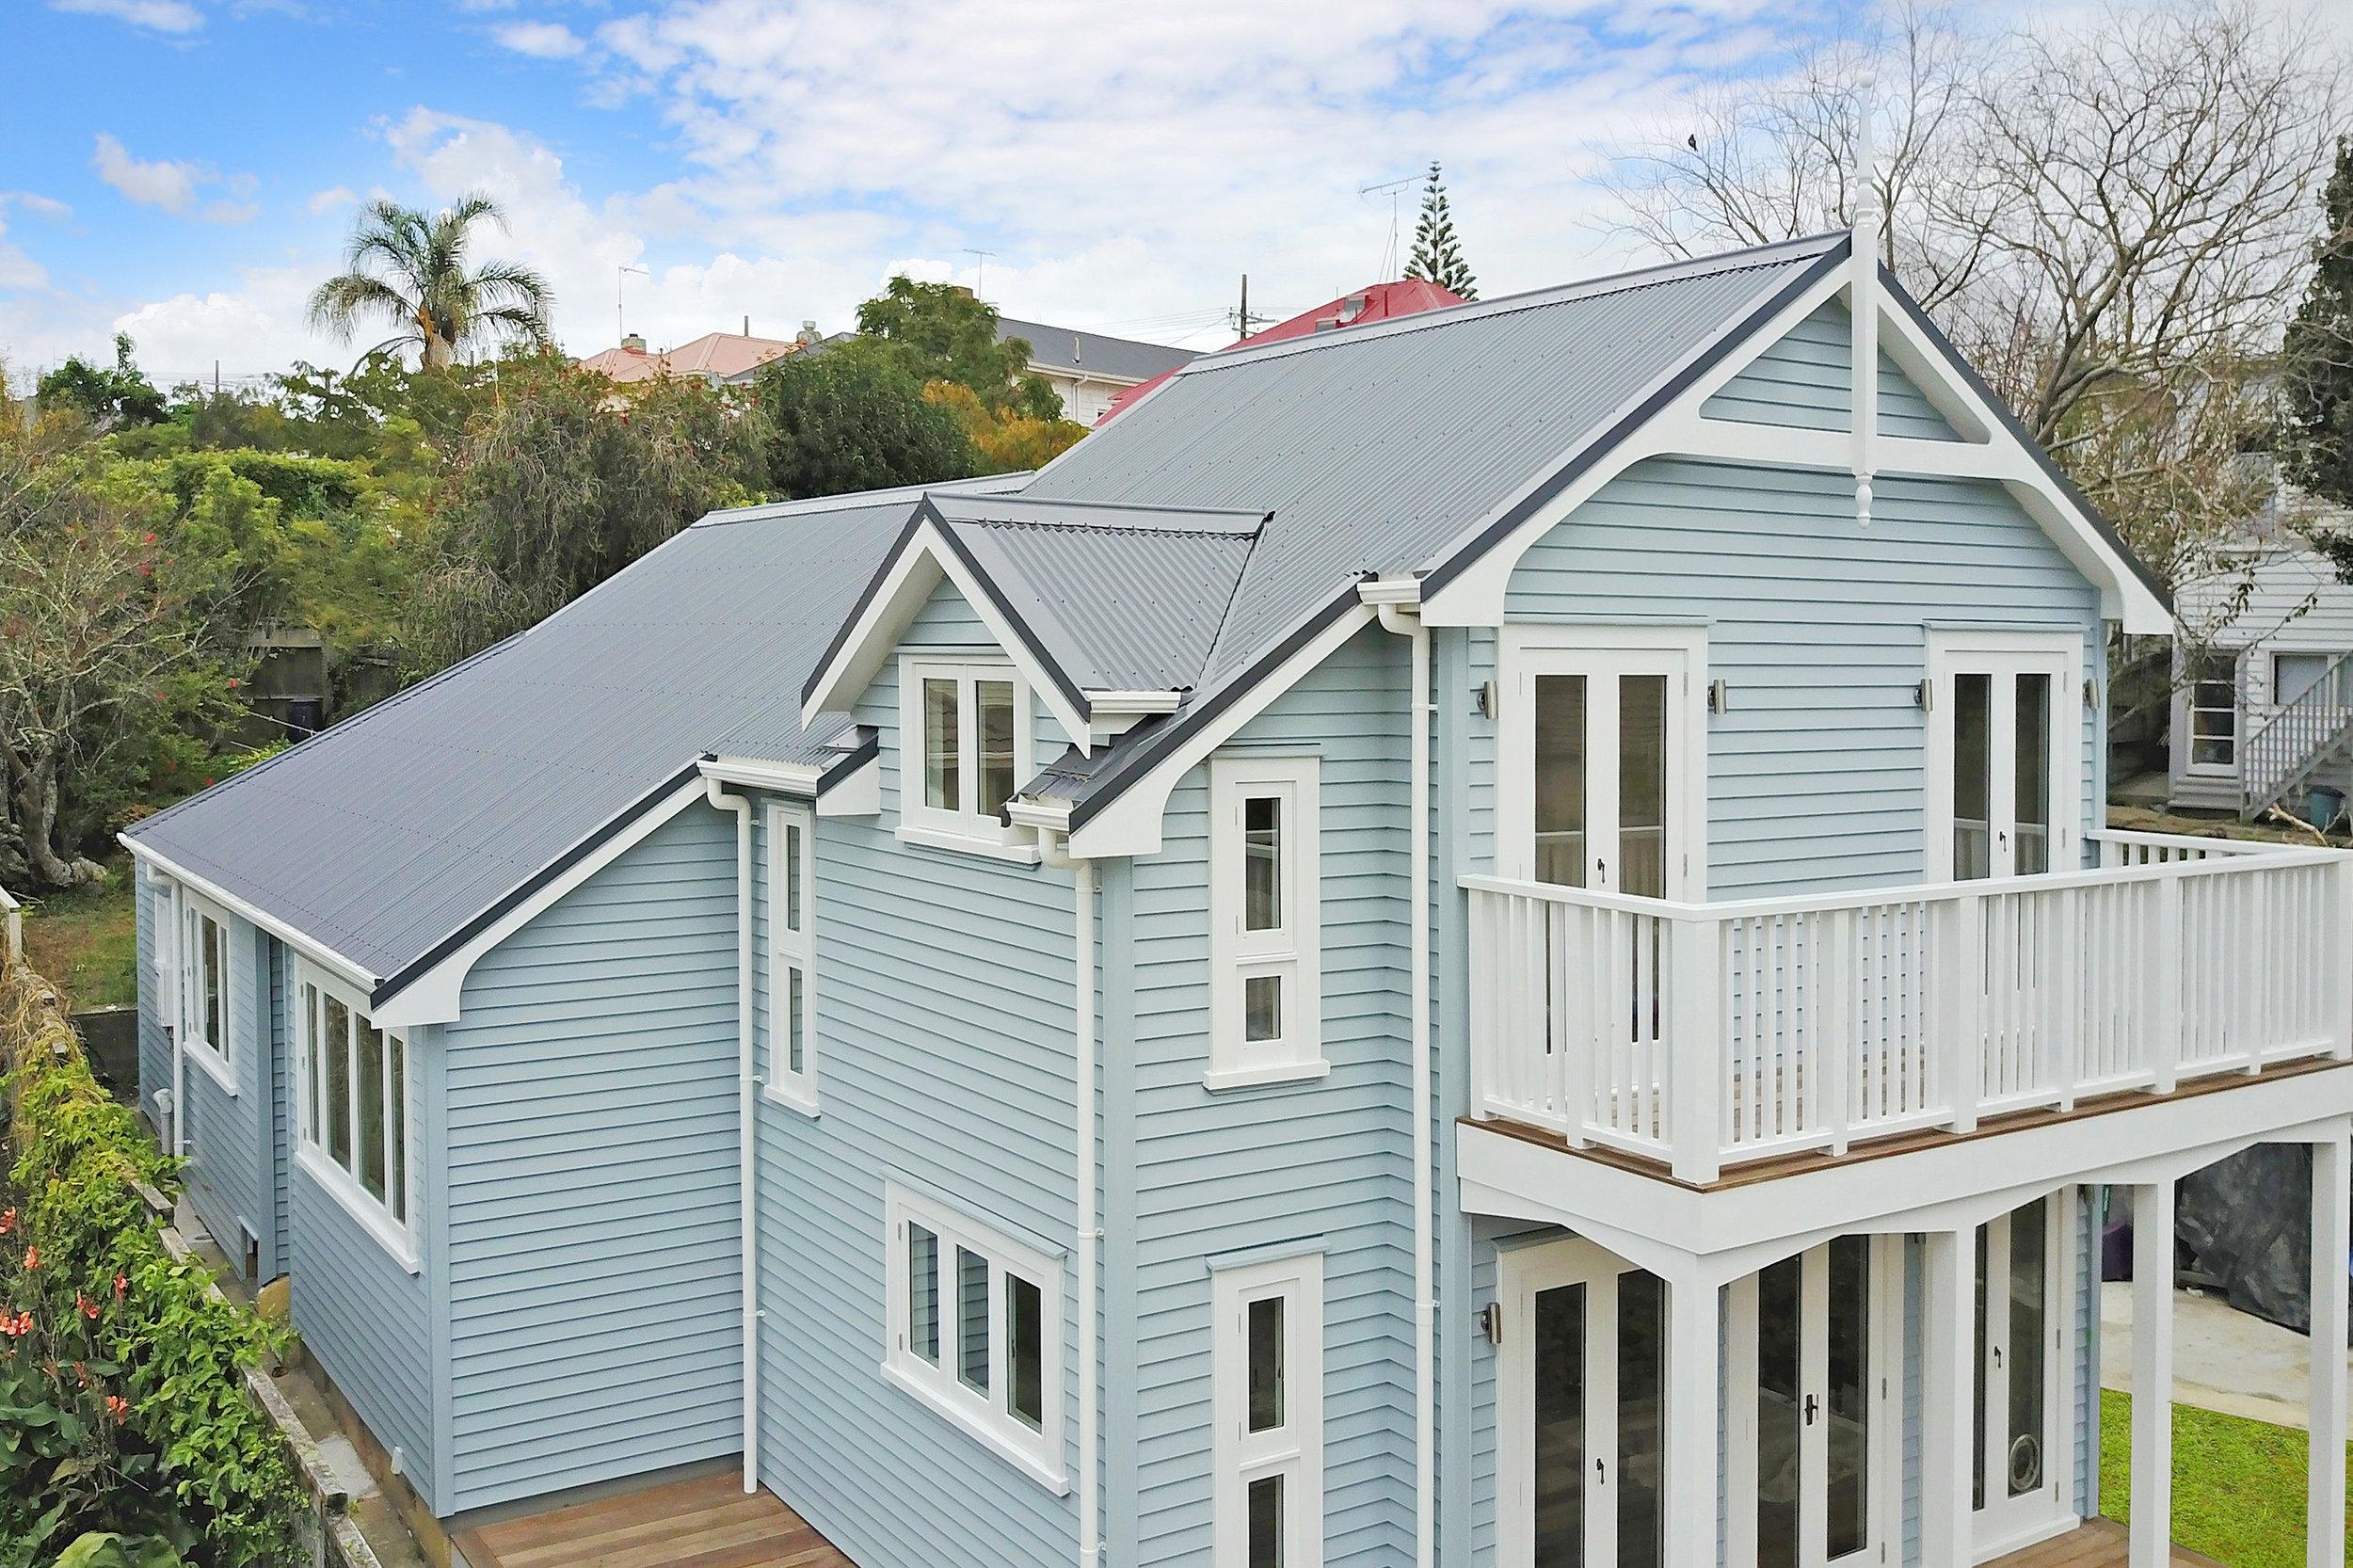 The-Roofing-Store-Steel-Metal-Corrugate-Vitor-0.55-Grey-Friars-5.jpg.jpg